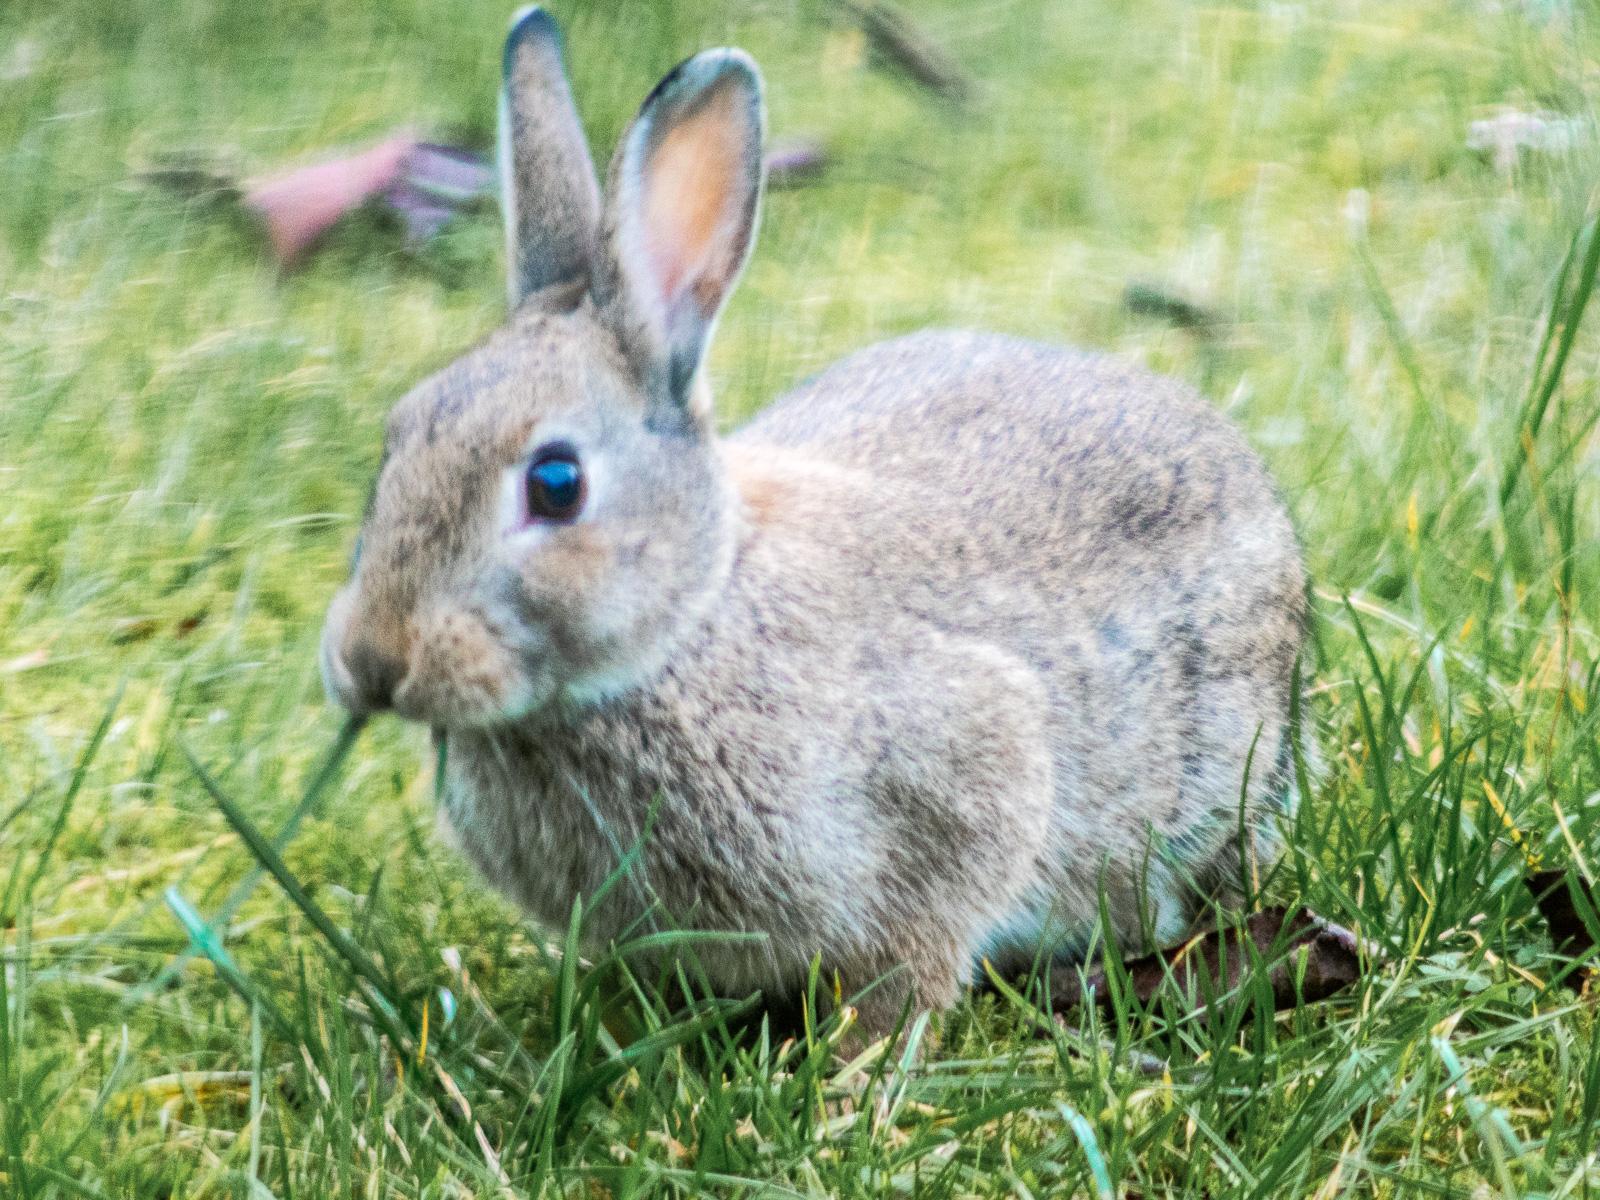 Kaninchen im Gras, Schrägansicht, auf Grashalm kauend